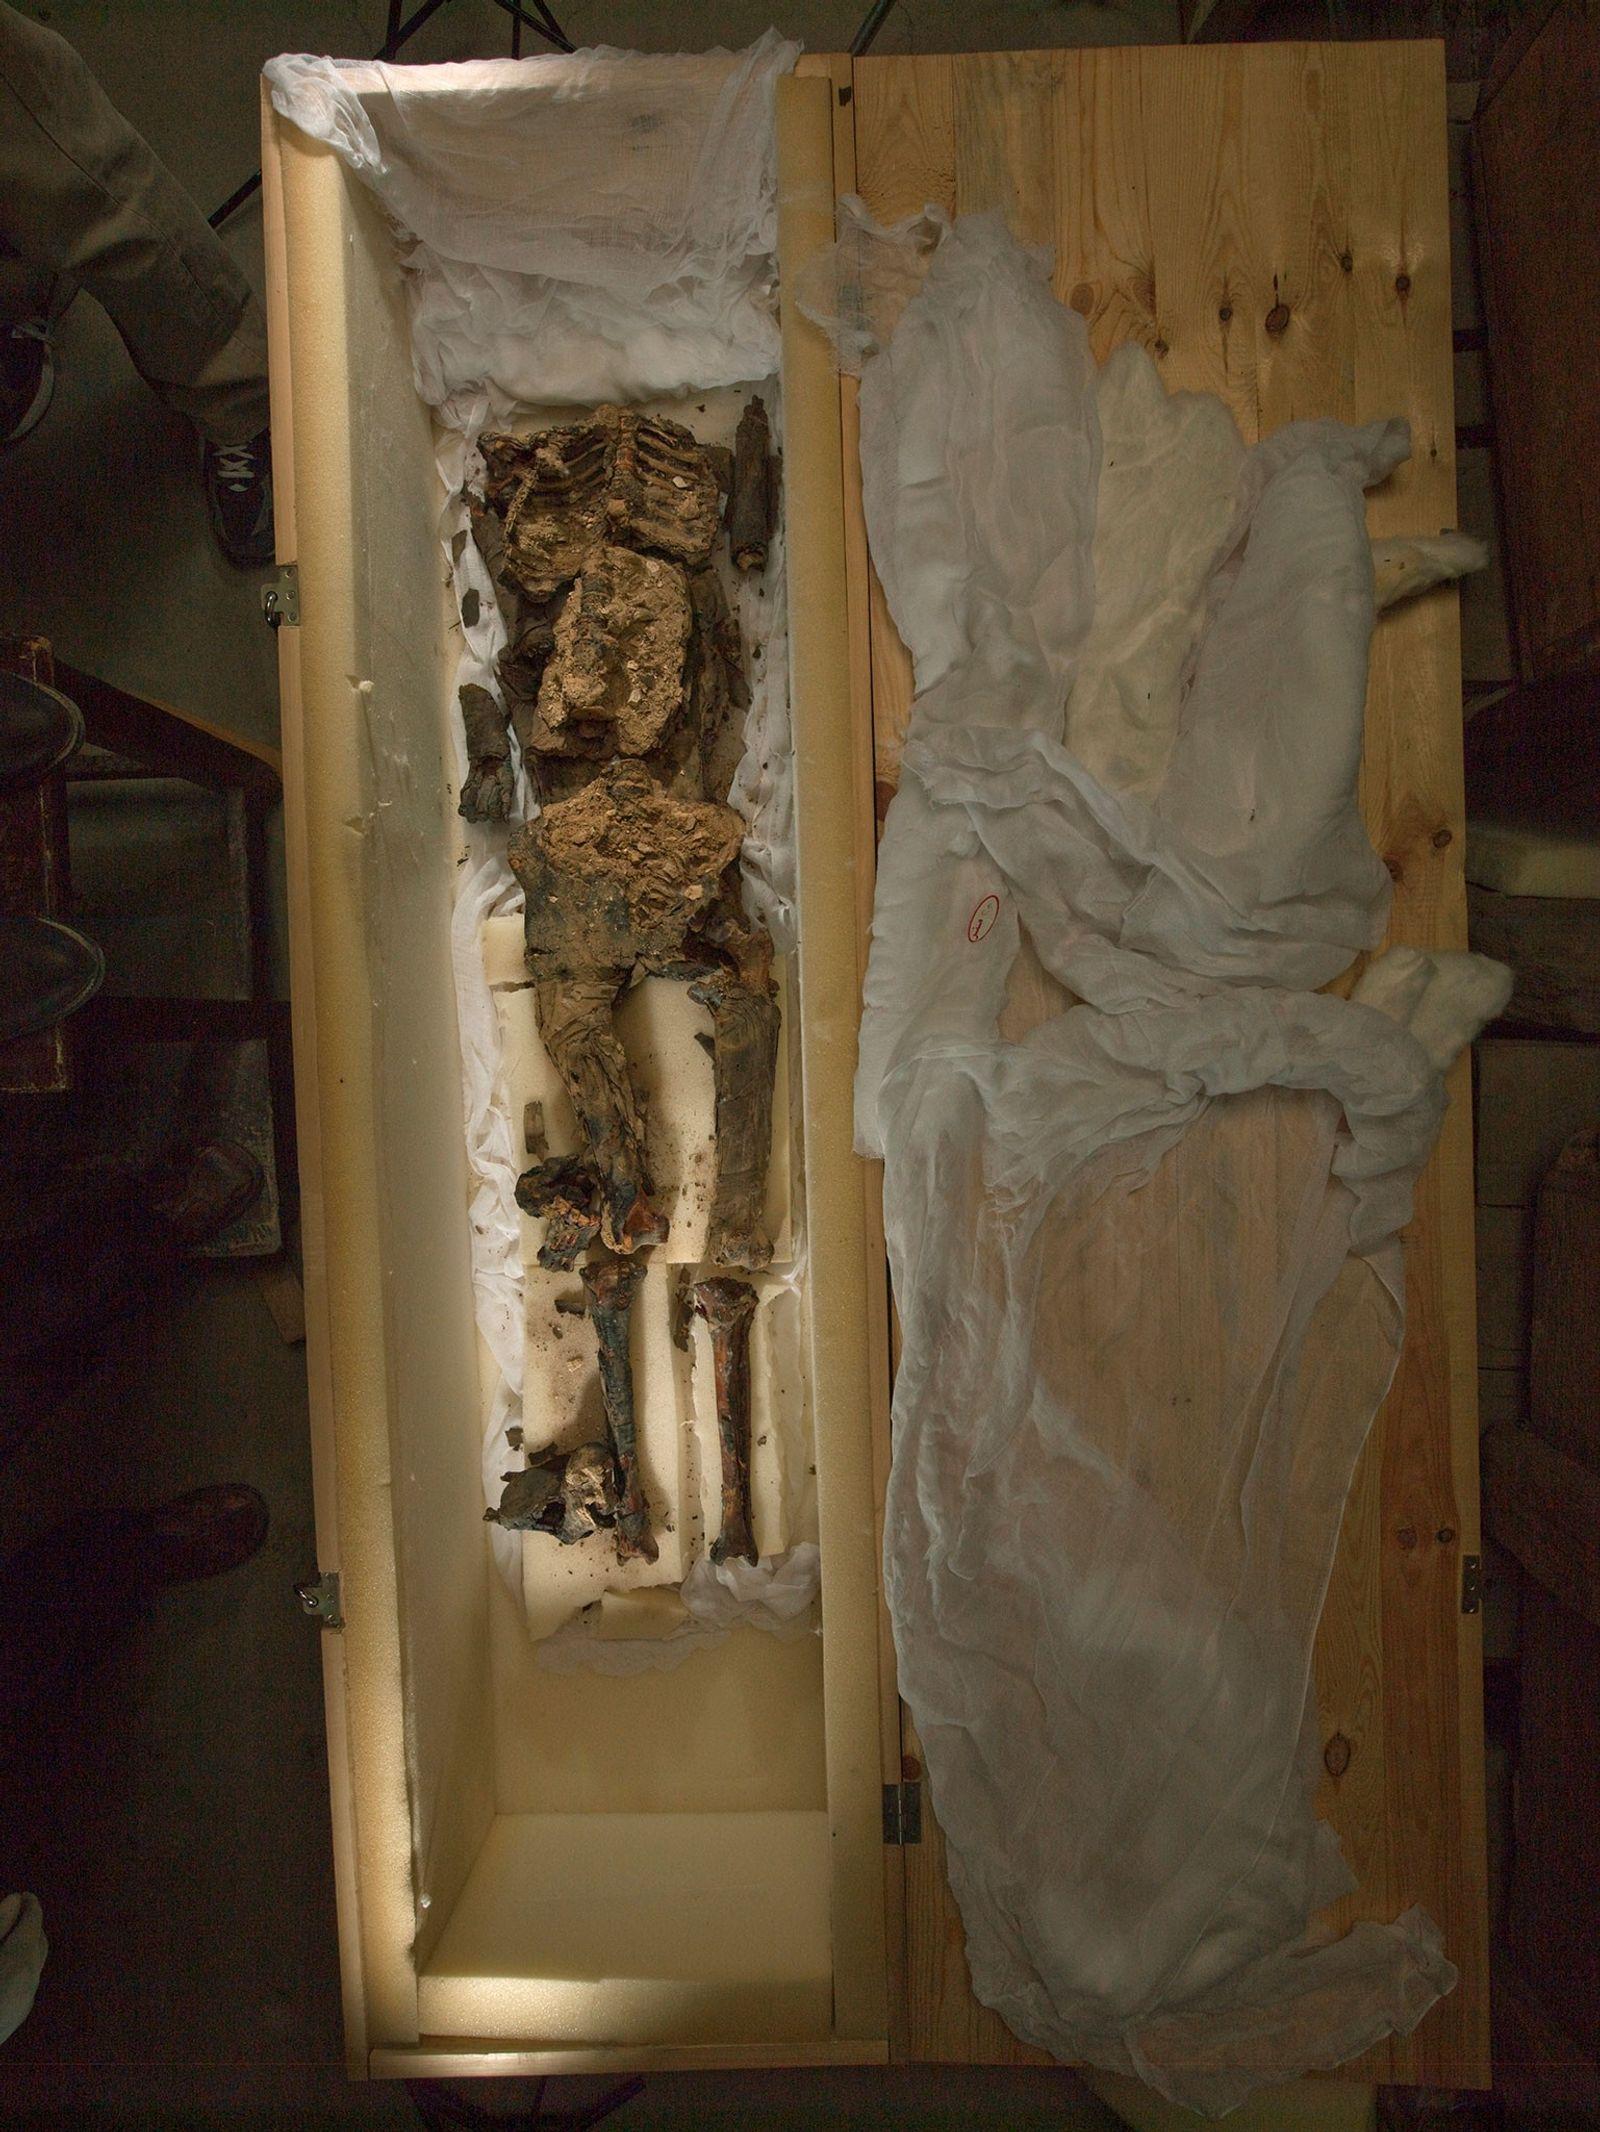 Album de famille : le Roi Toutankhamon, la Reine Néfertiti et un arbre généalogique bien complexe